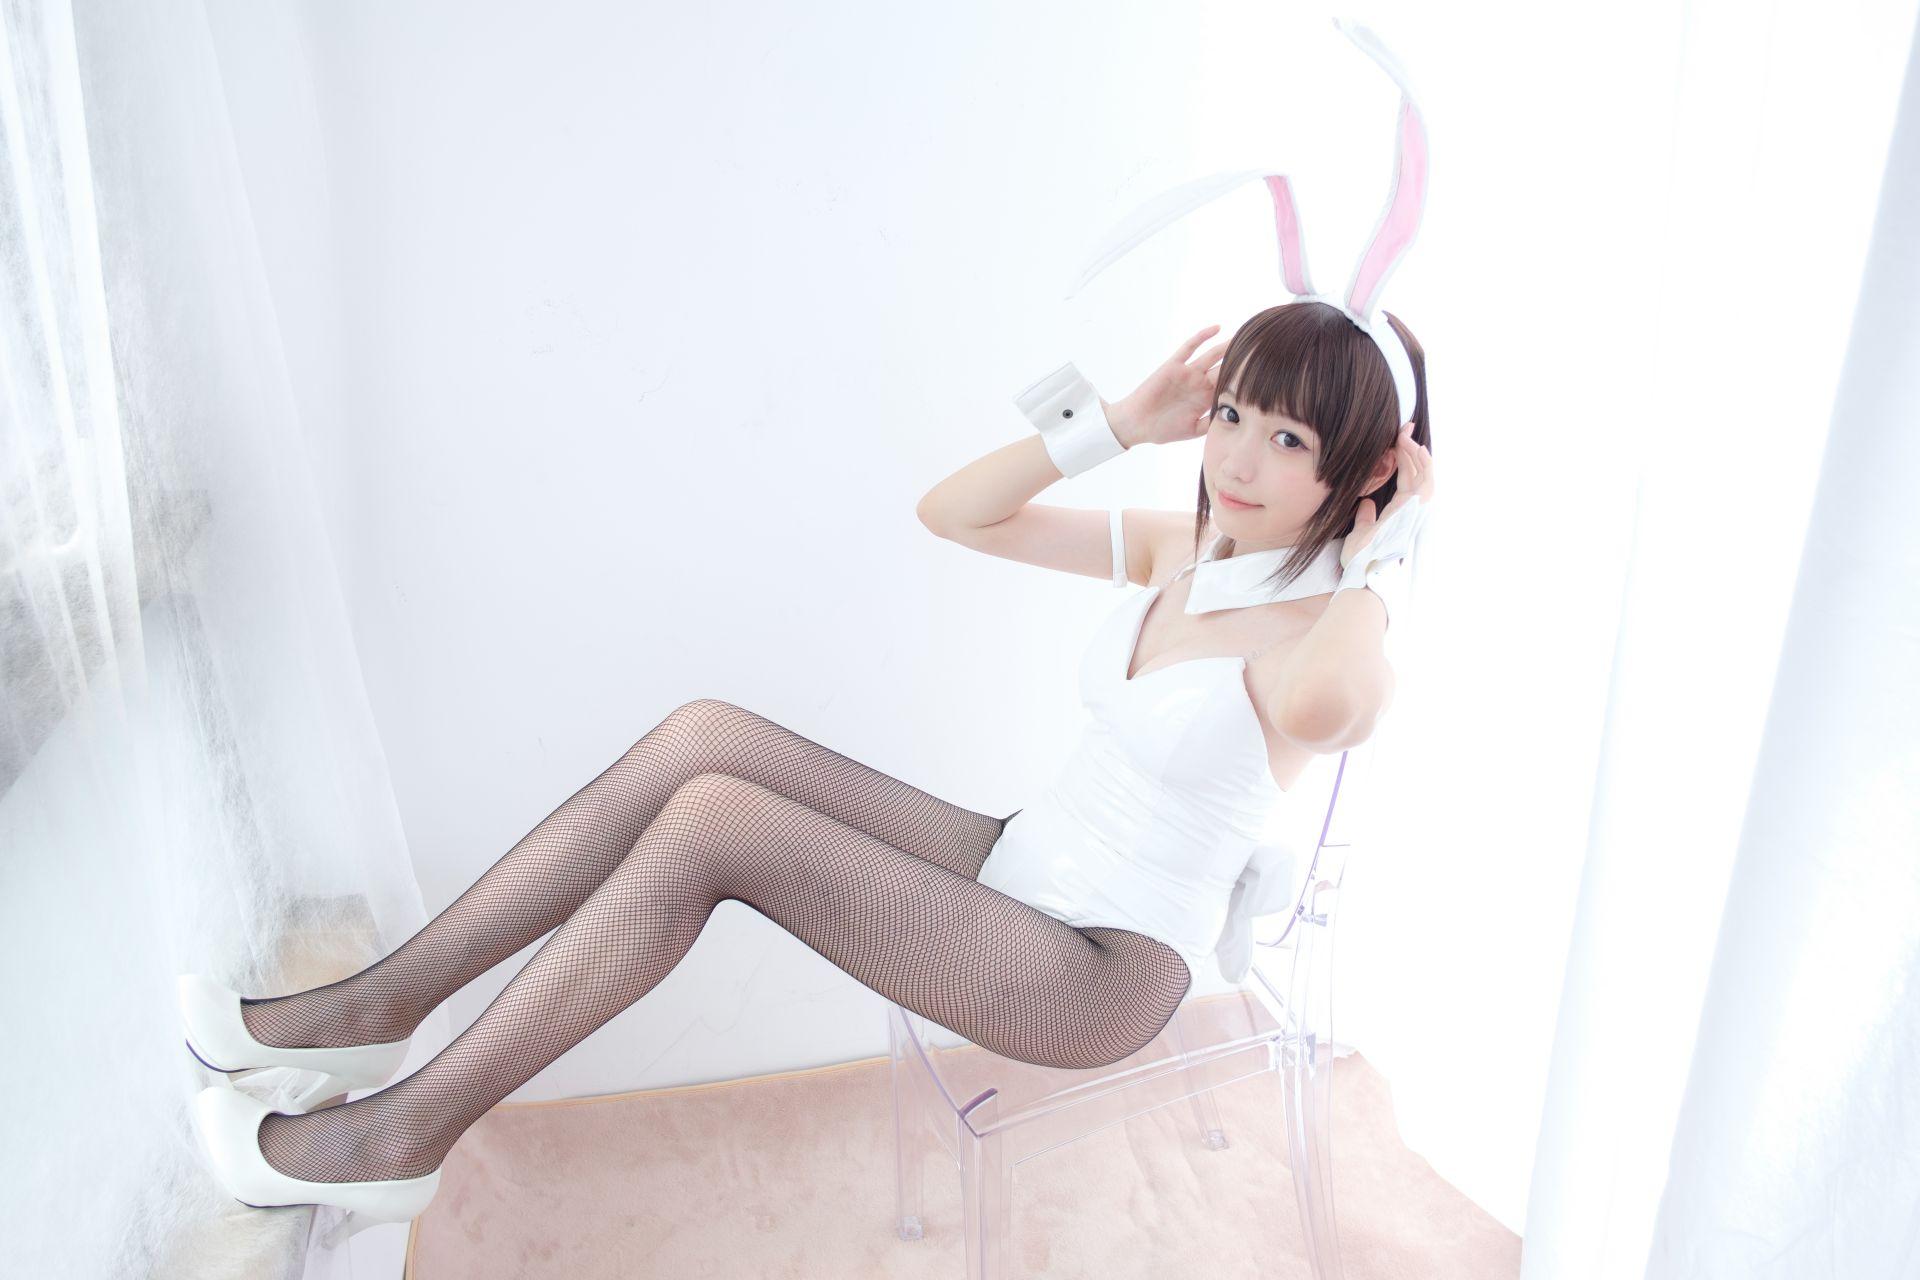 【森萝财团】森萝财团写真 - LOVEPLUS-001 黑丝网袜兔女郎 [148P2V-3.22GB] LOVEPLUS系列 第3张